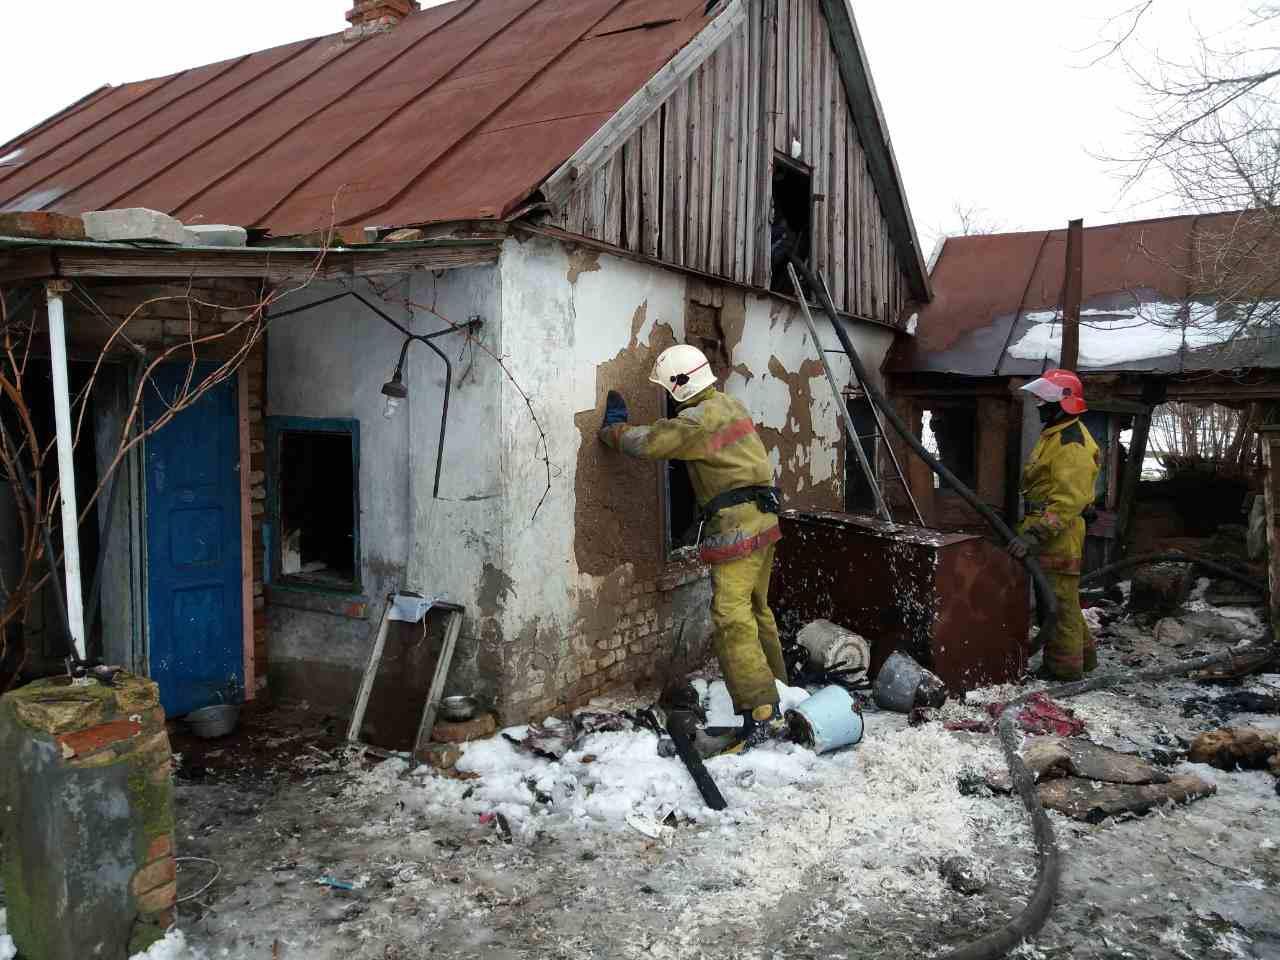 В Запорожской области на ул. Ялта обнаружили обгоревшее тело (ФОТО)